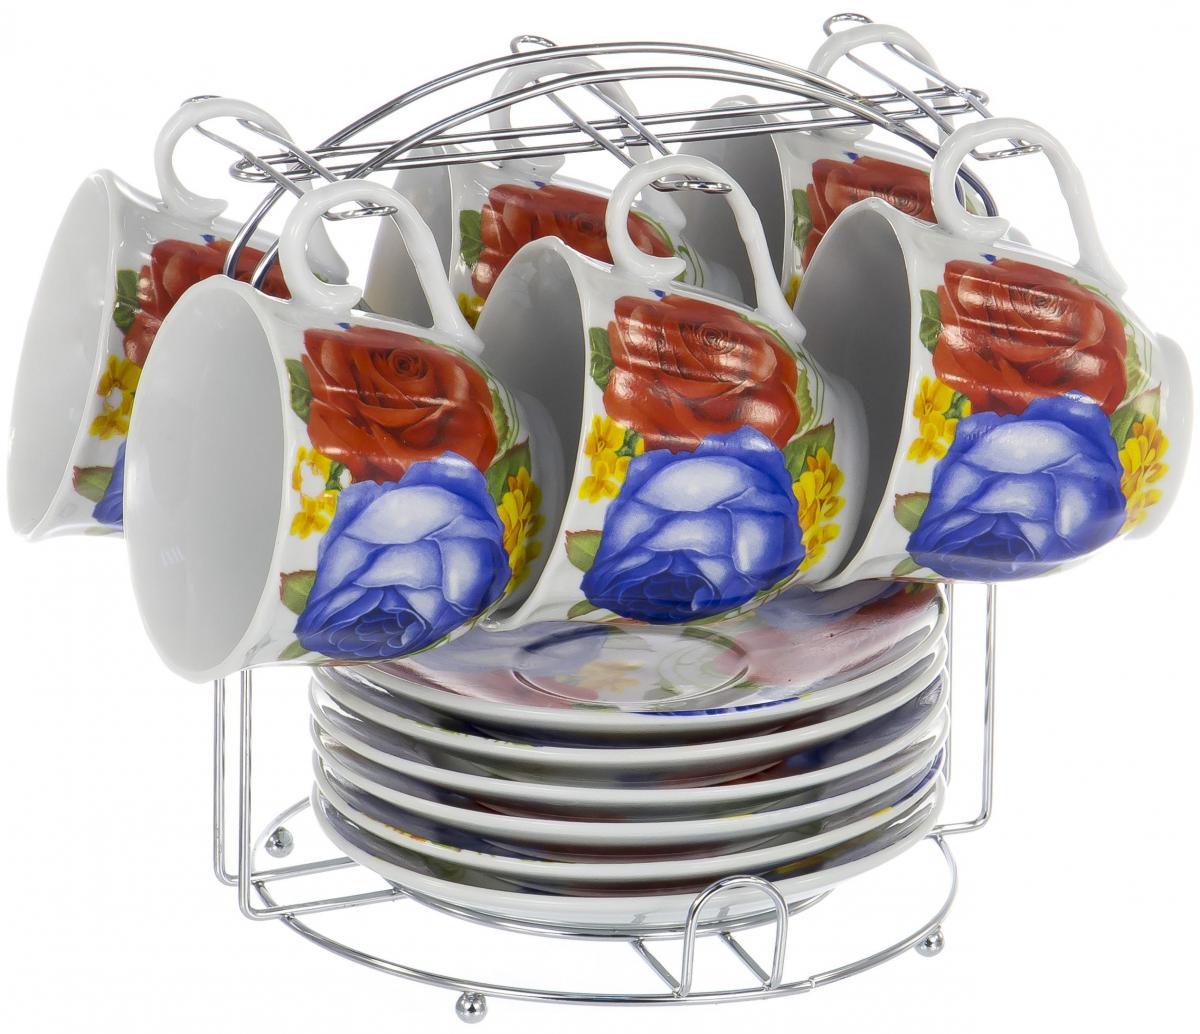 Набор чайный Olaff Metal Stand, 12 предметов. DL-F6MS-197DL-F6MS-197METAL STAND, набор чайный (12) 6 чашек 220мл + 6 блюдец на метал.стенде, подарочная упаковка